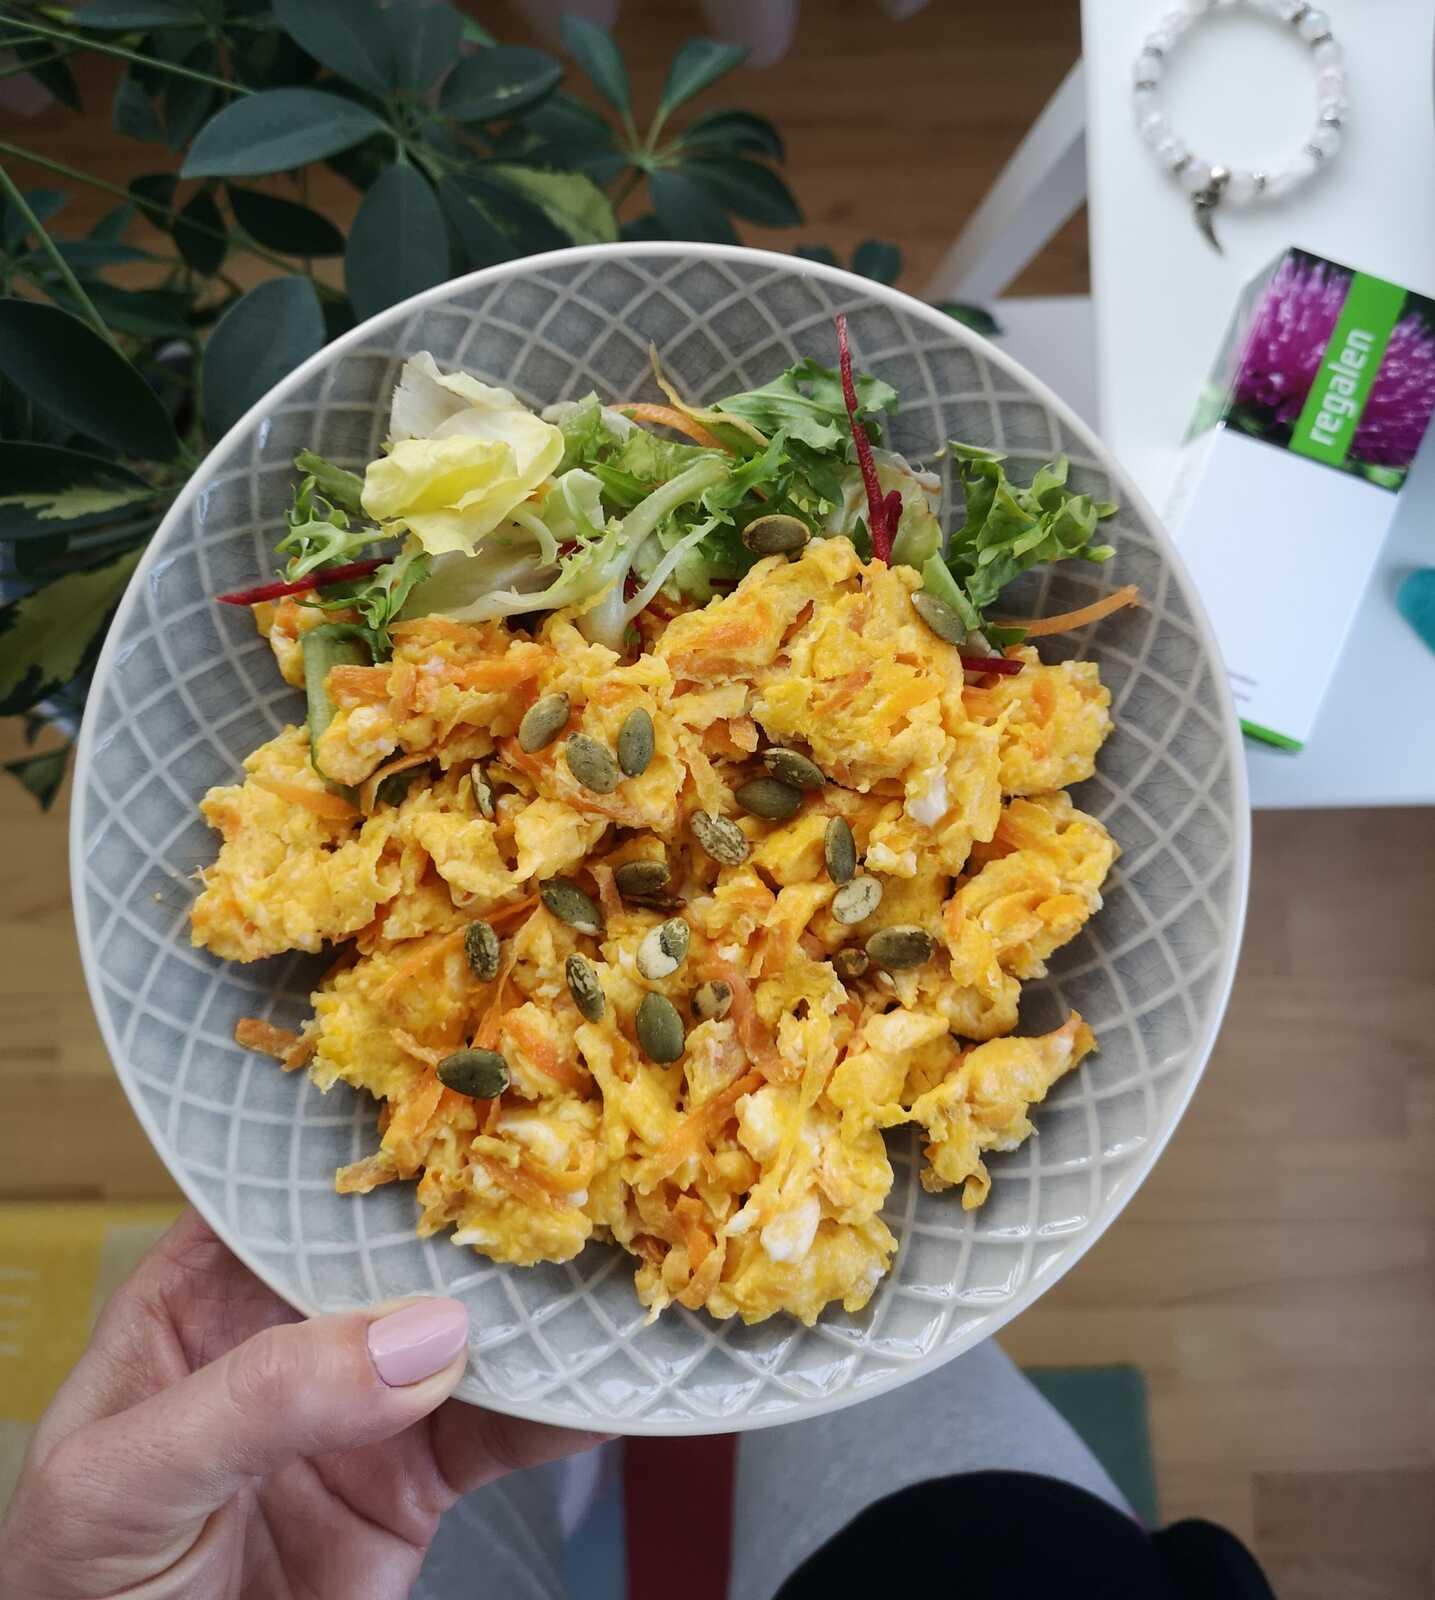 Egészséges táplálkozás ételfotó